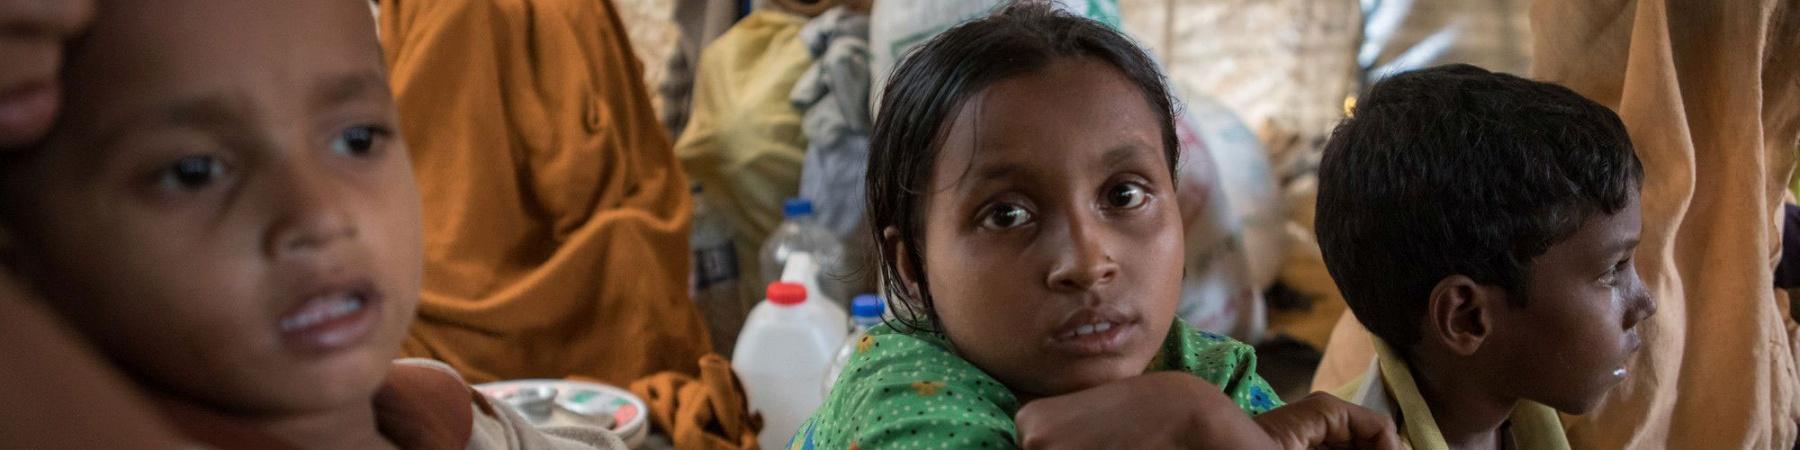 Chi sono i Rohingya